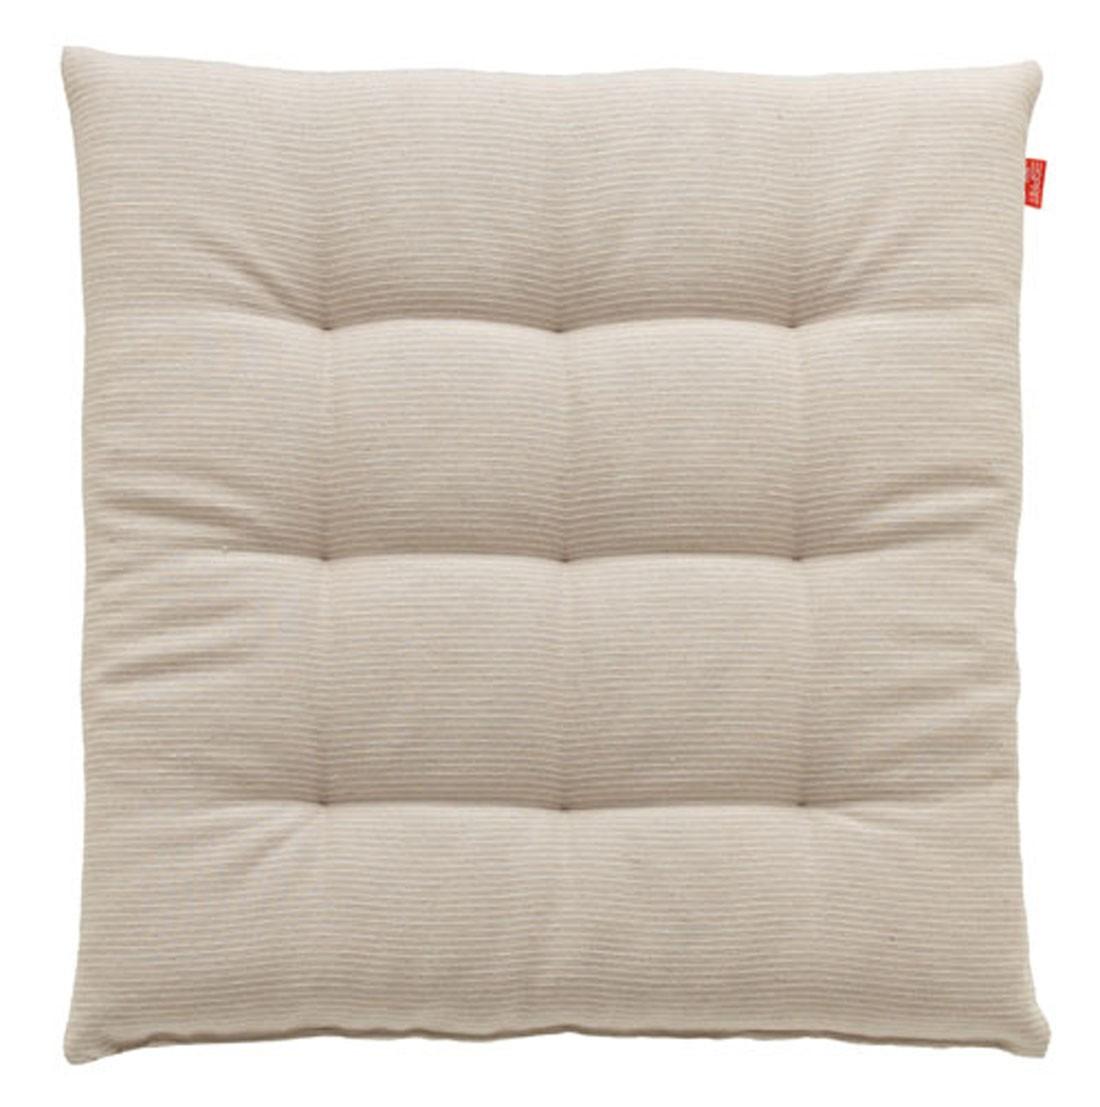 esprit stuhlkissen needlestripe beige wei 40x40cm wohntextilien kissen stuhlkissen. Black Bedroom Furniture Sets. Home Design Ideas